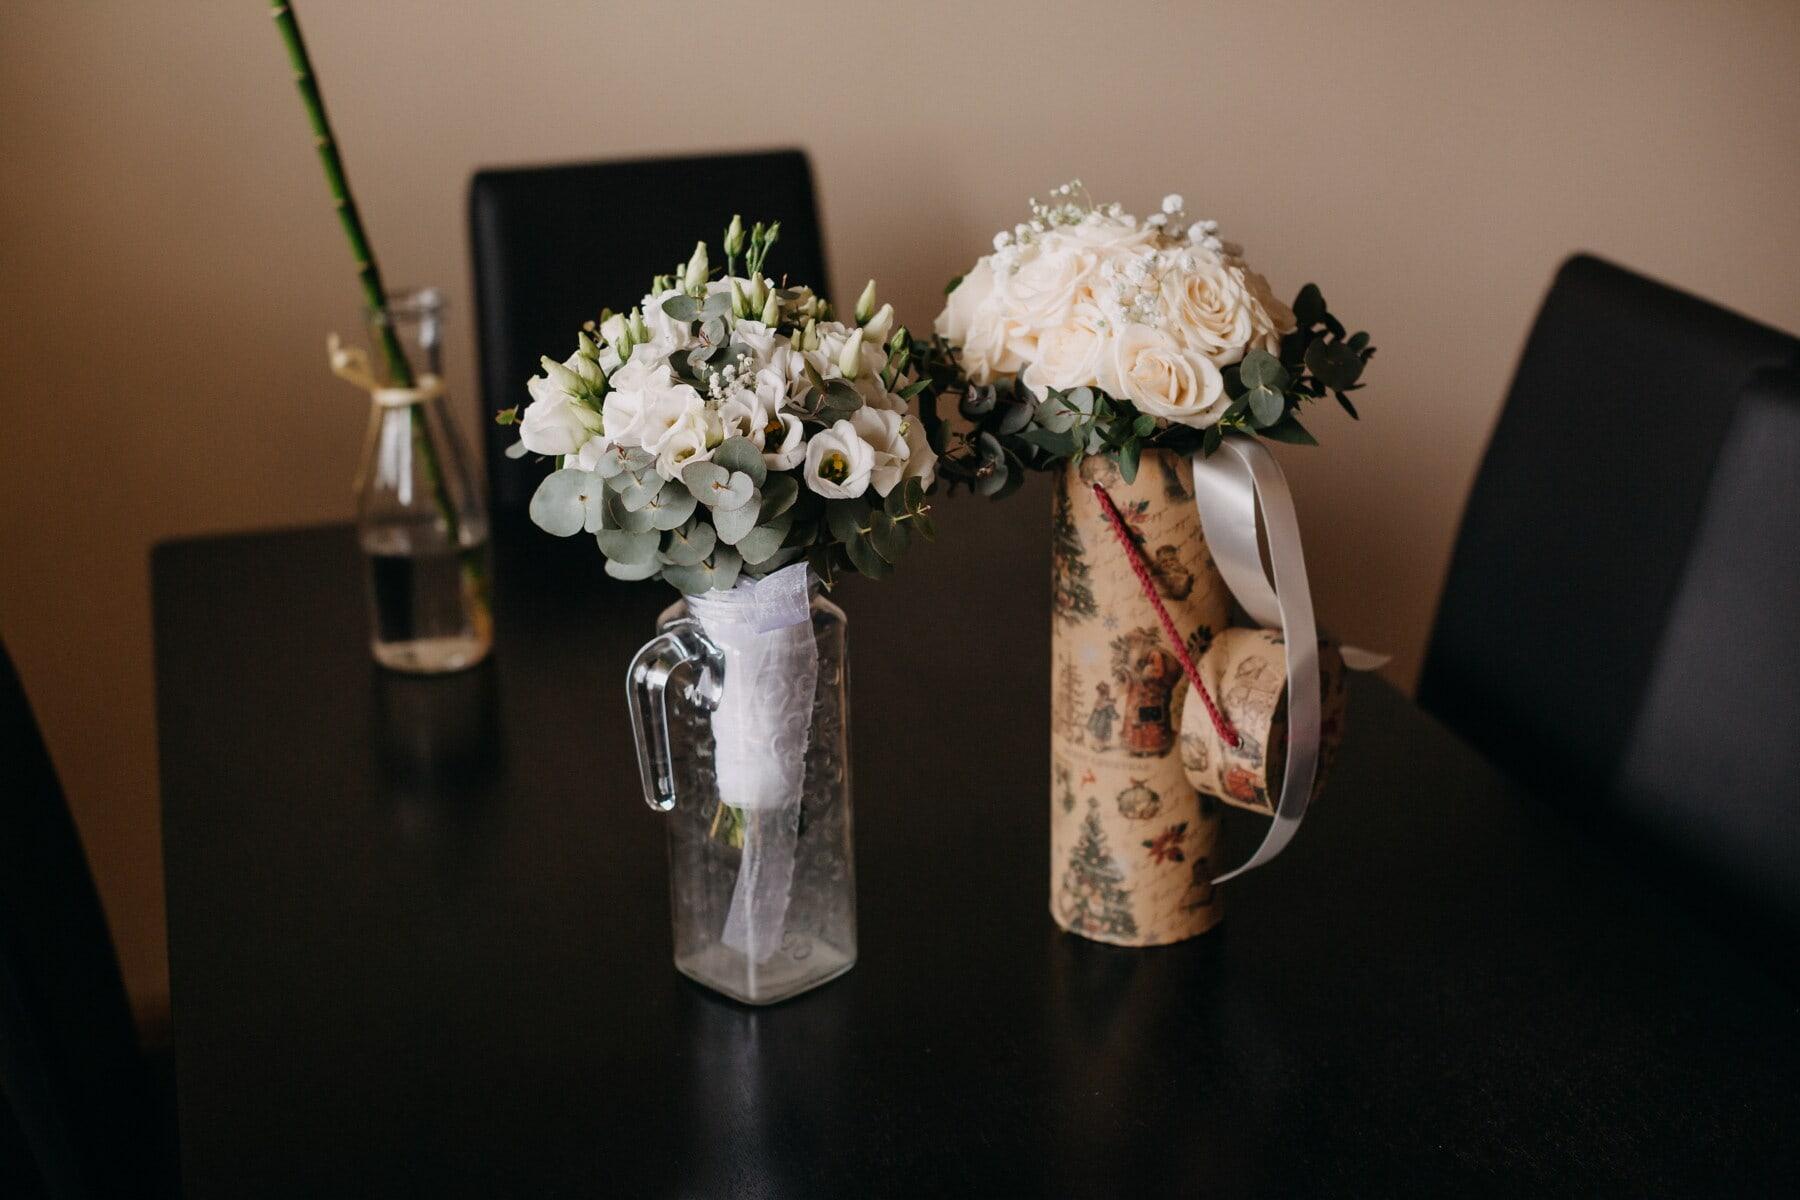 Kytica, stoličky, kancelária, stôl, dekorácie interiéru, Váza, elegancia, ruže, minimalizmus, zátišie